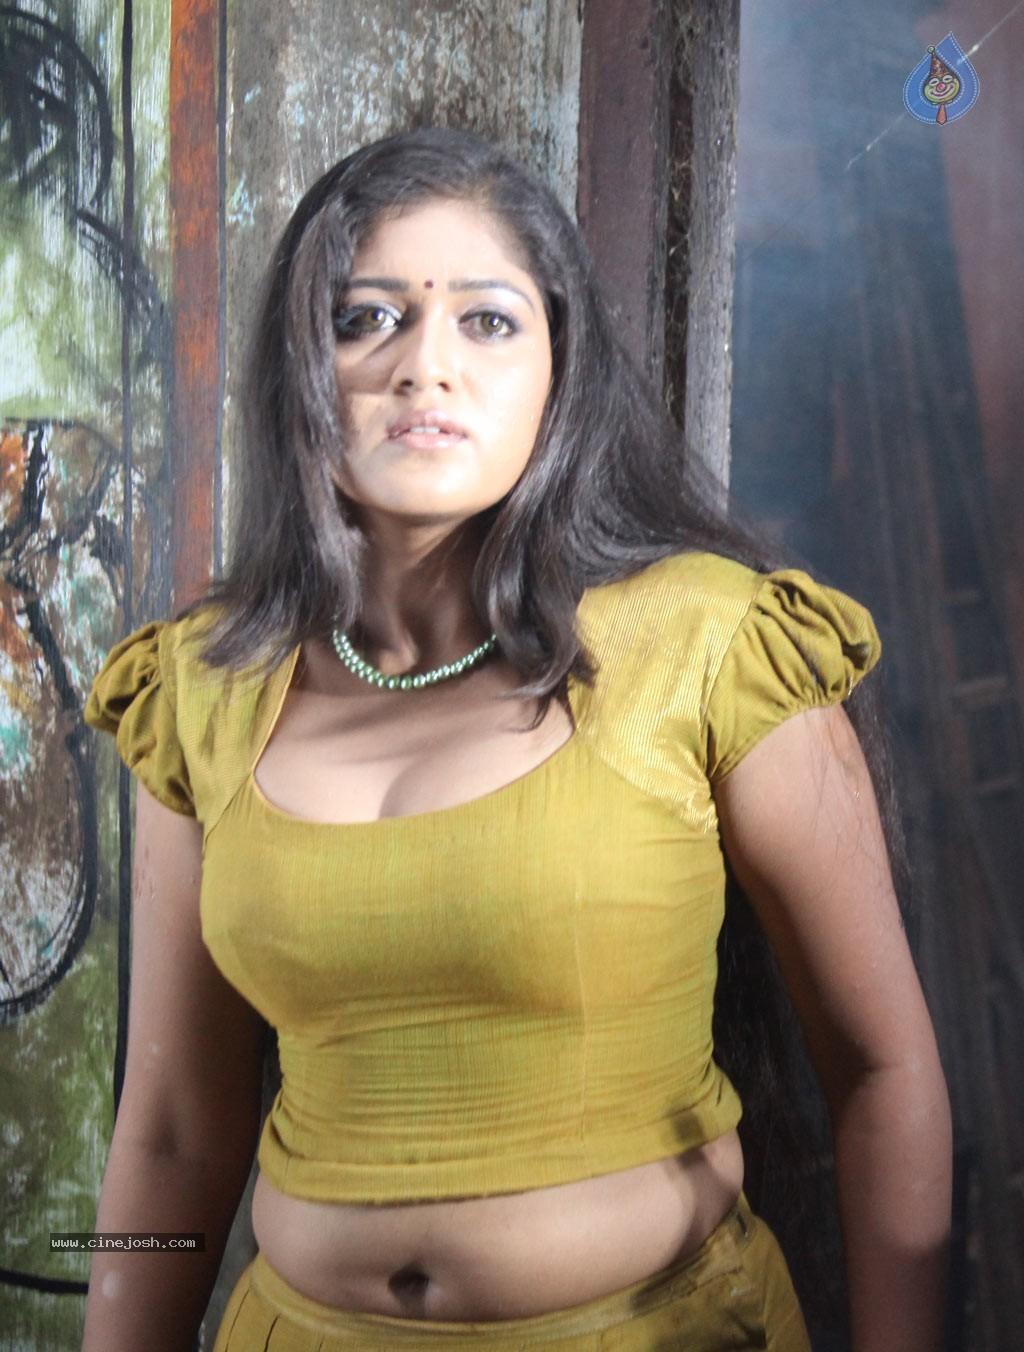 Jakkamma Tamil Movie Hot Stills - Click for next photo